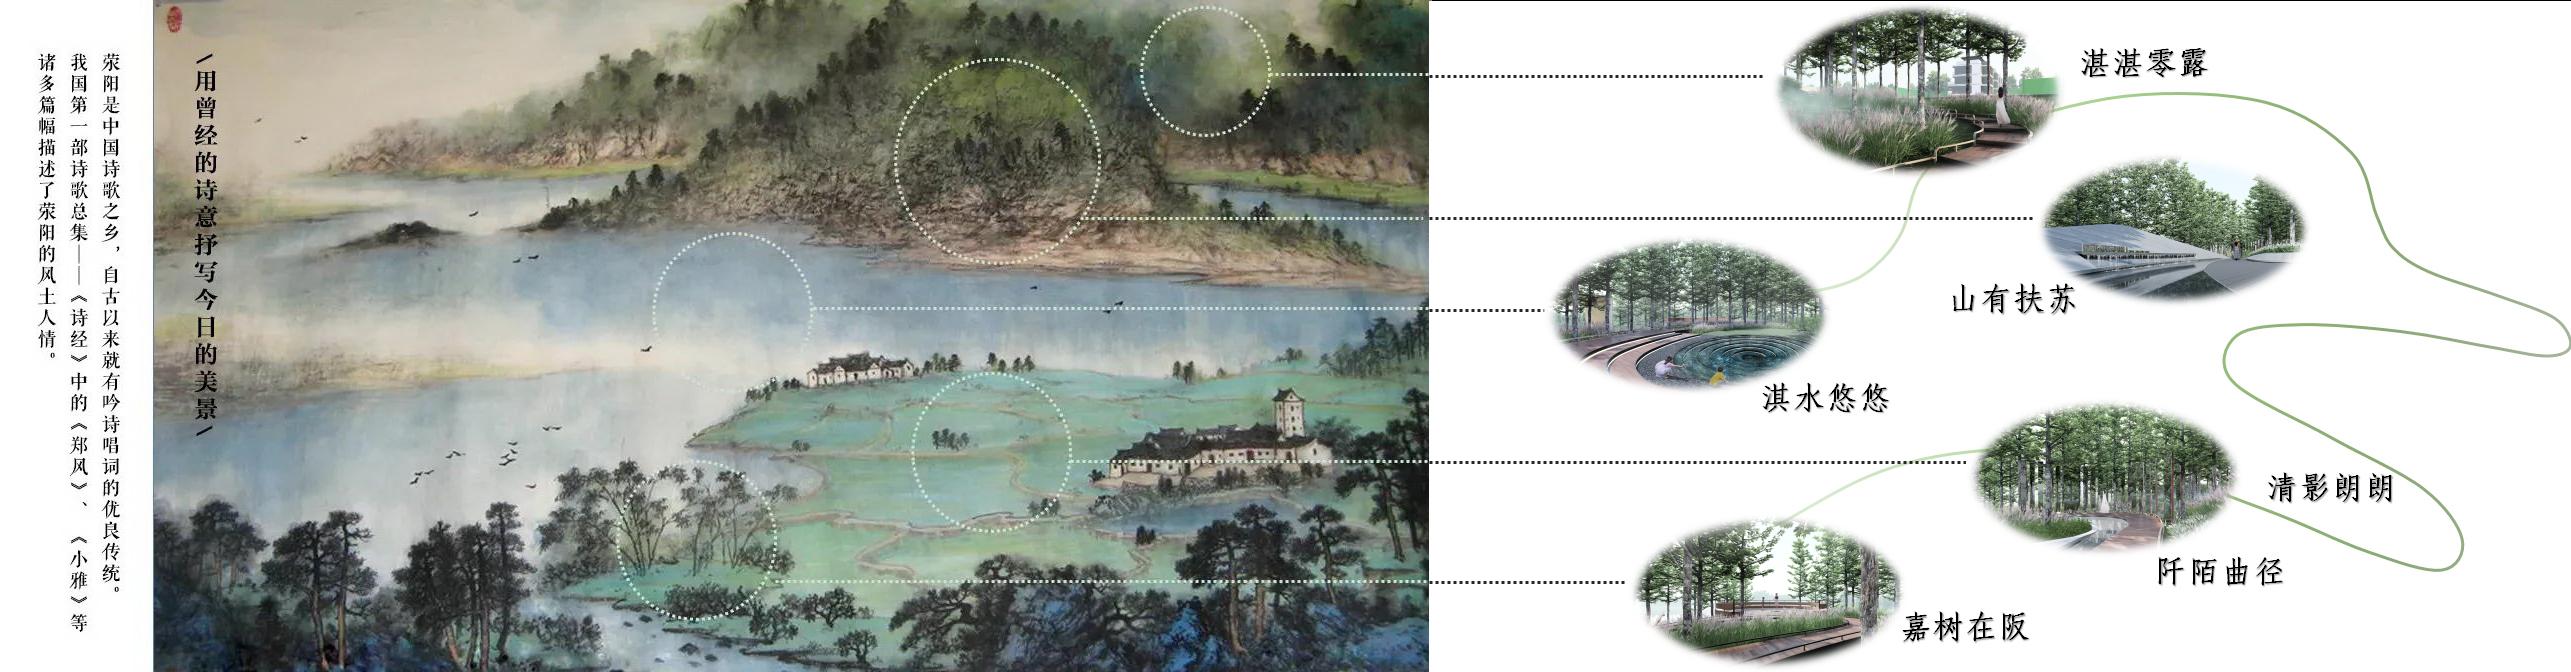 郑州荥阳融创•御栖玖里 景观设计  /  QIDI 栖地设计